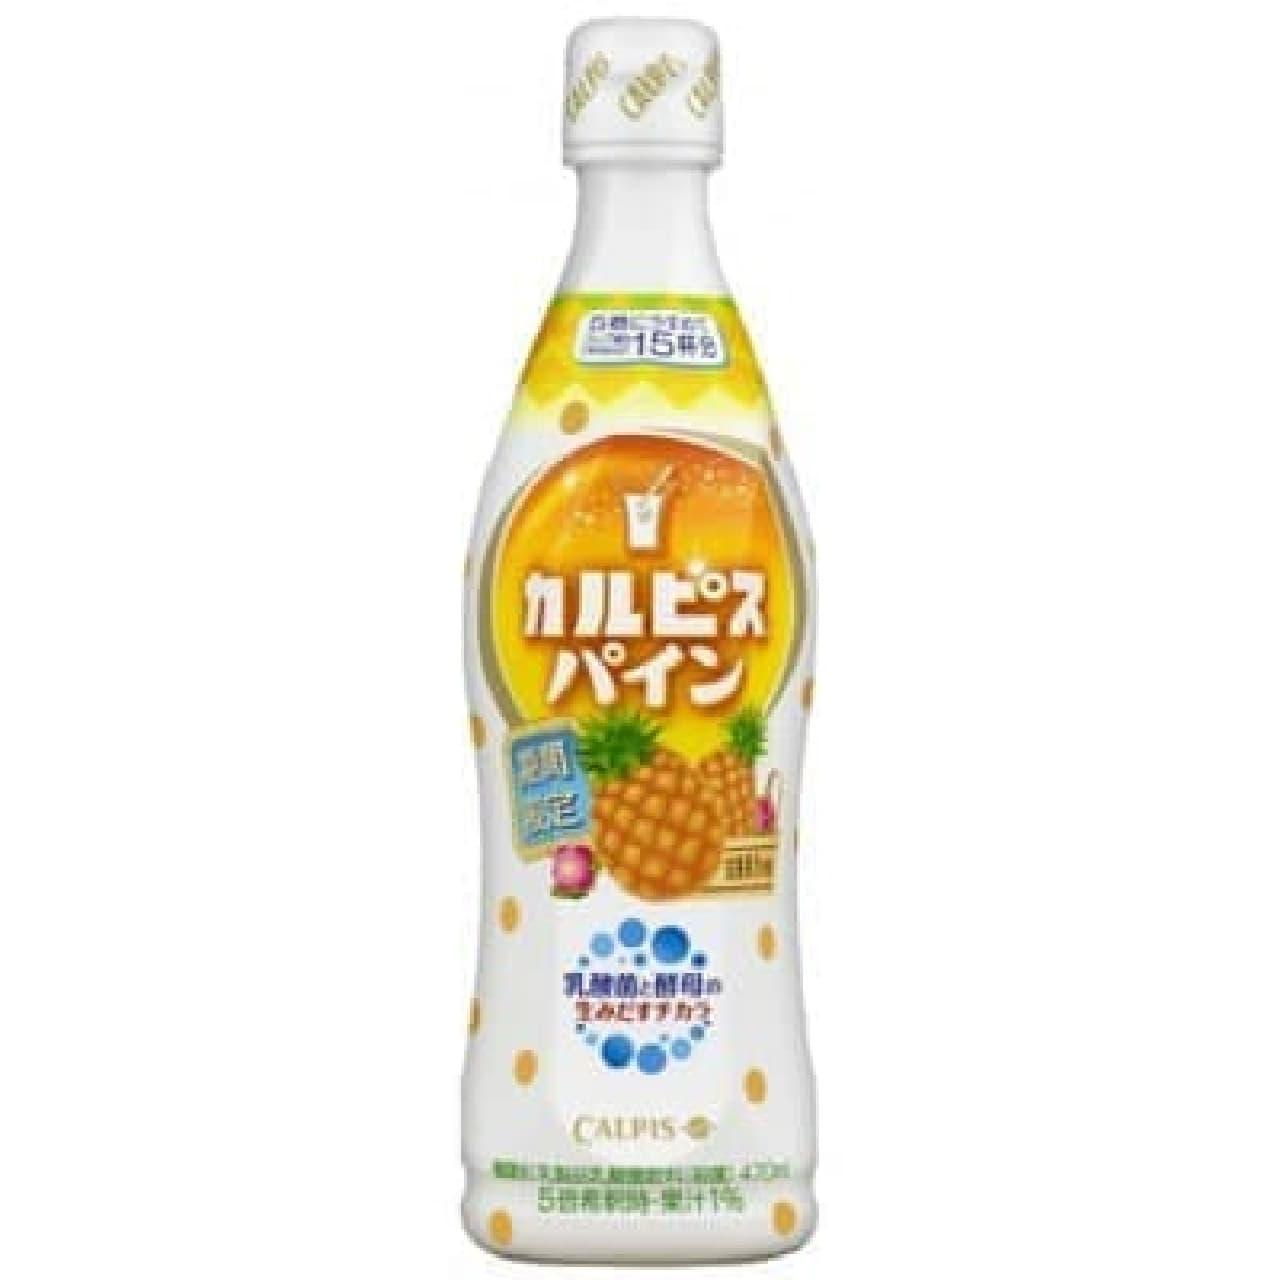 完熟パインアップル果汁入りカルピス登場